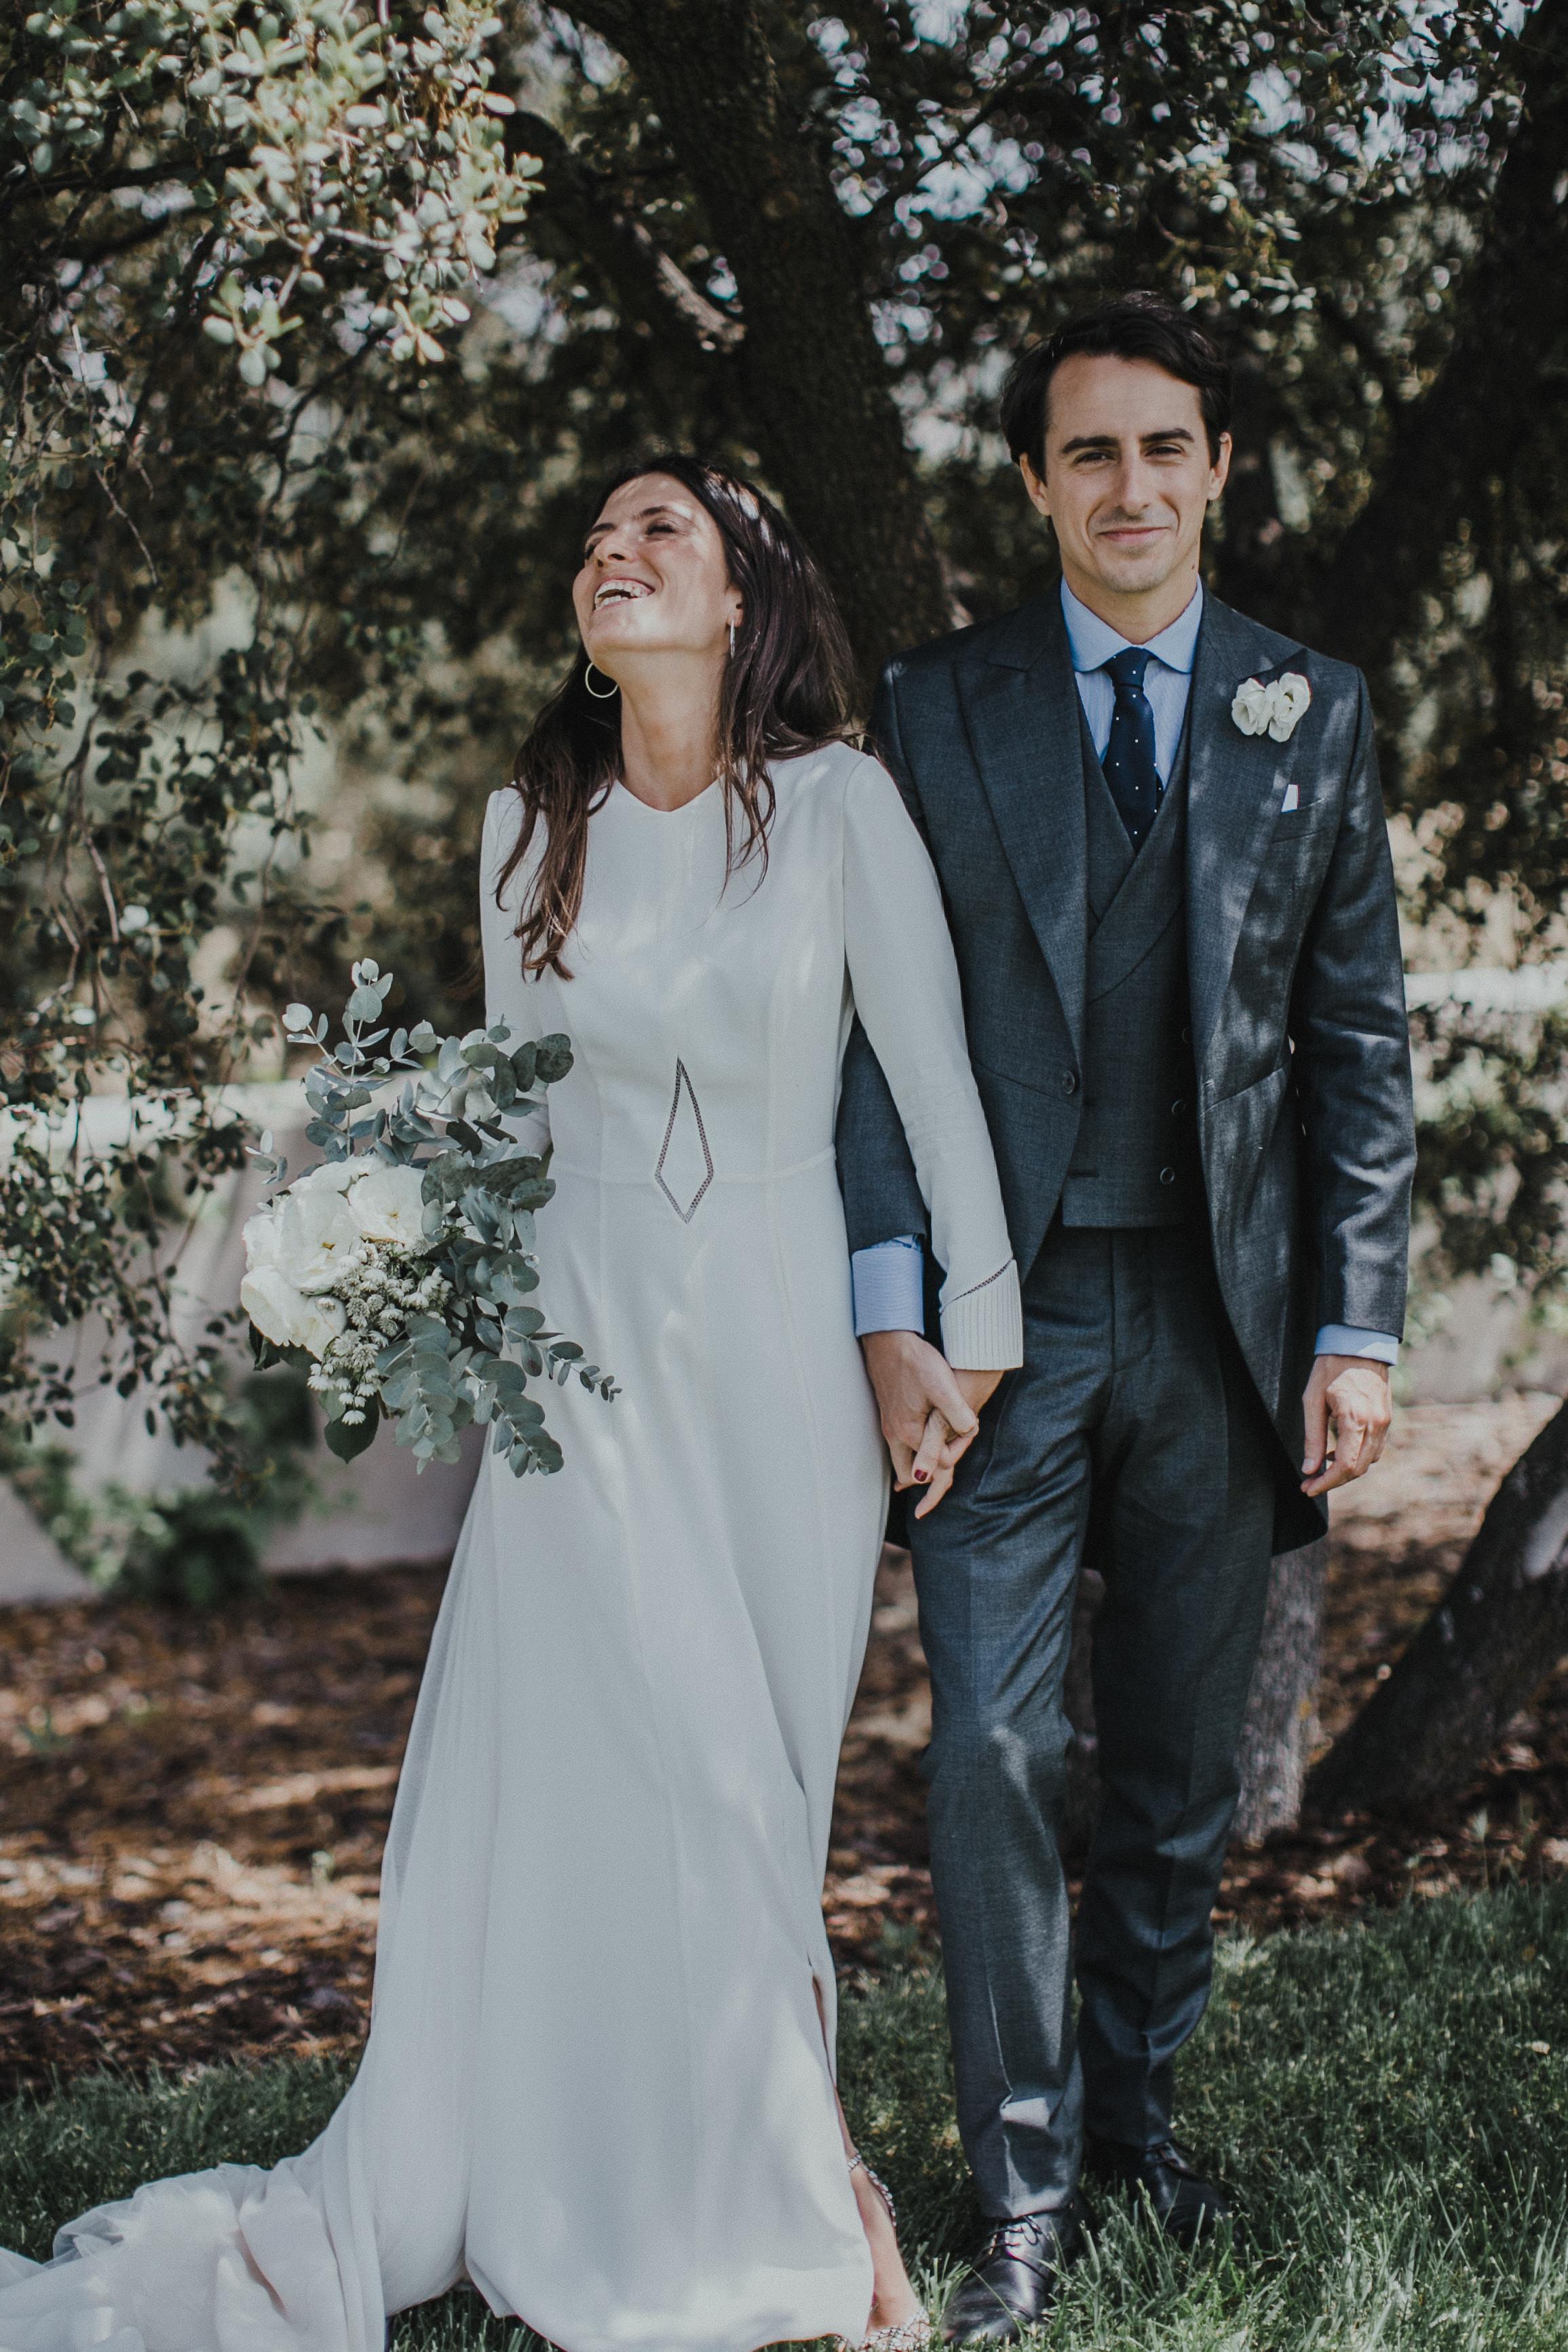 Fotografo de bodas españa serafin castillo wedding photographer spain 937.jpg